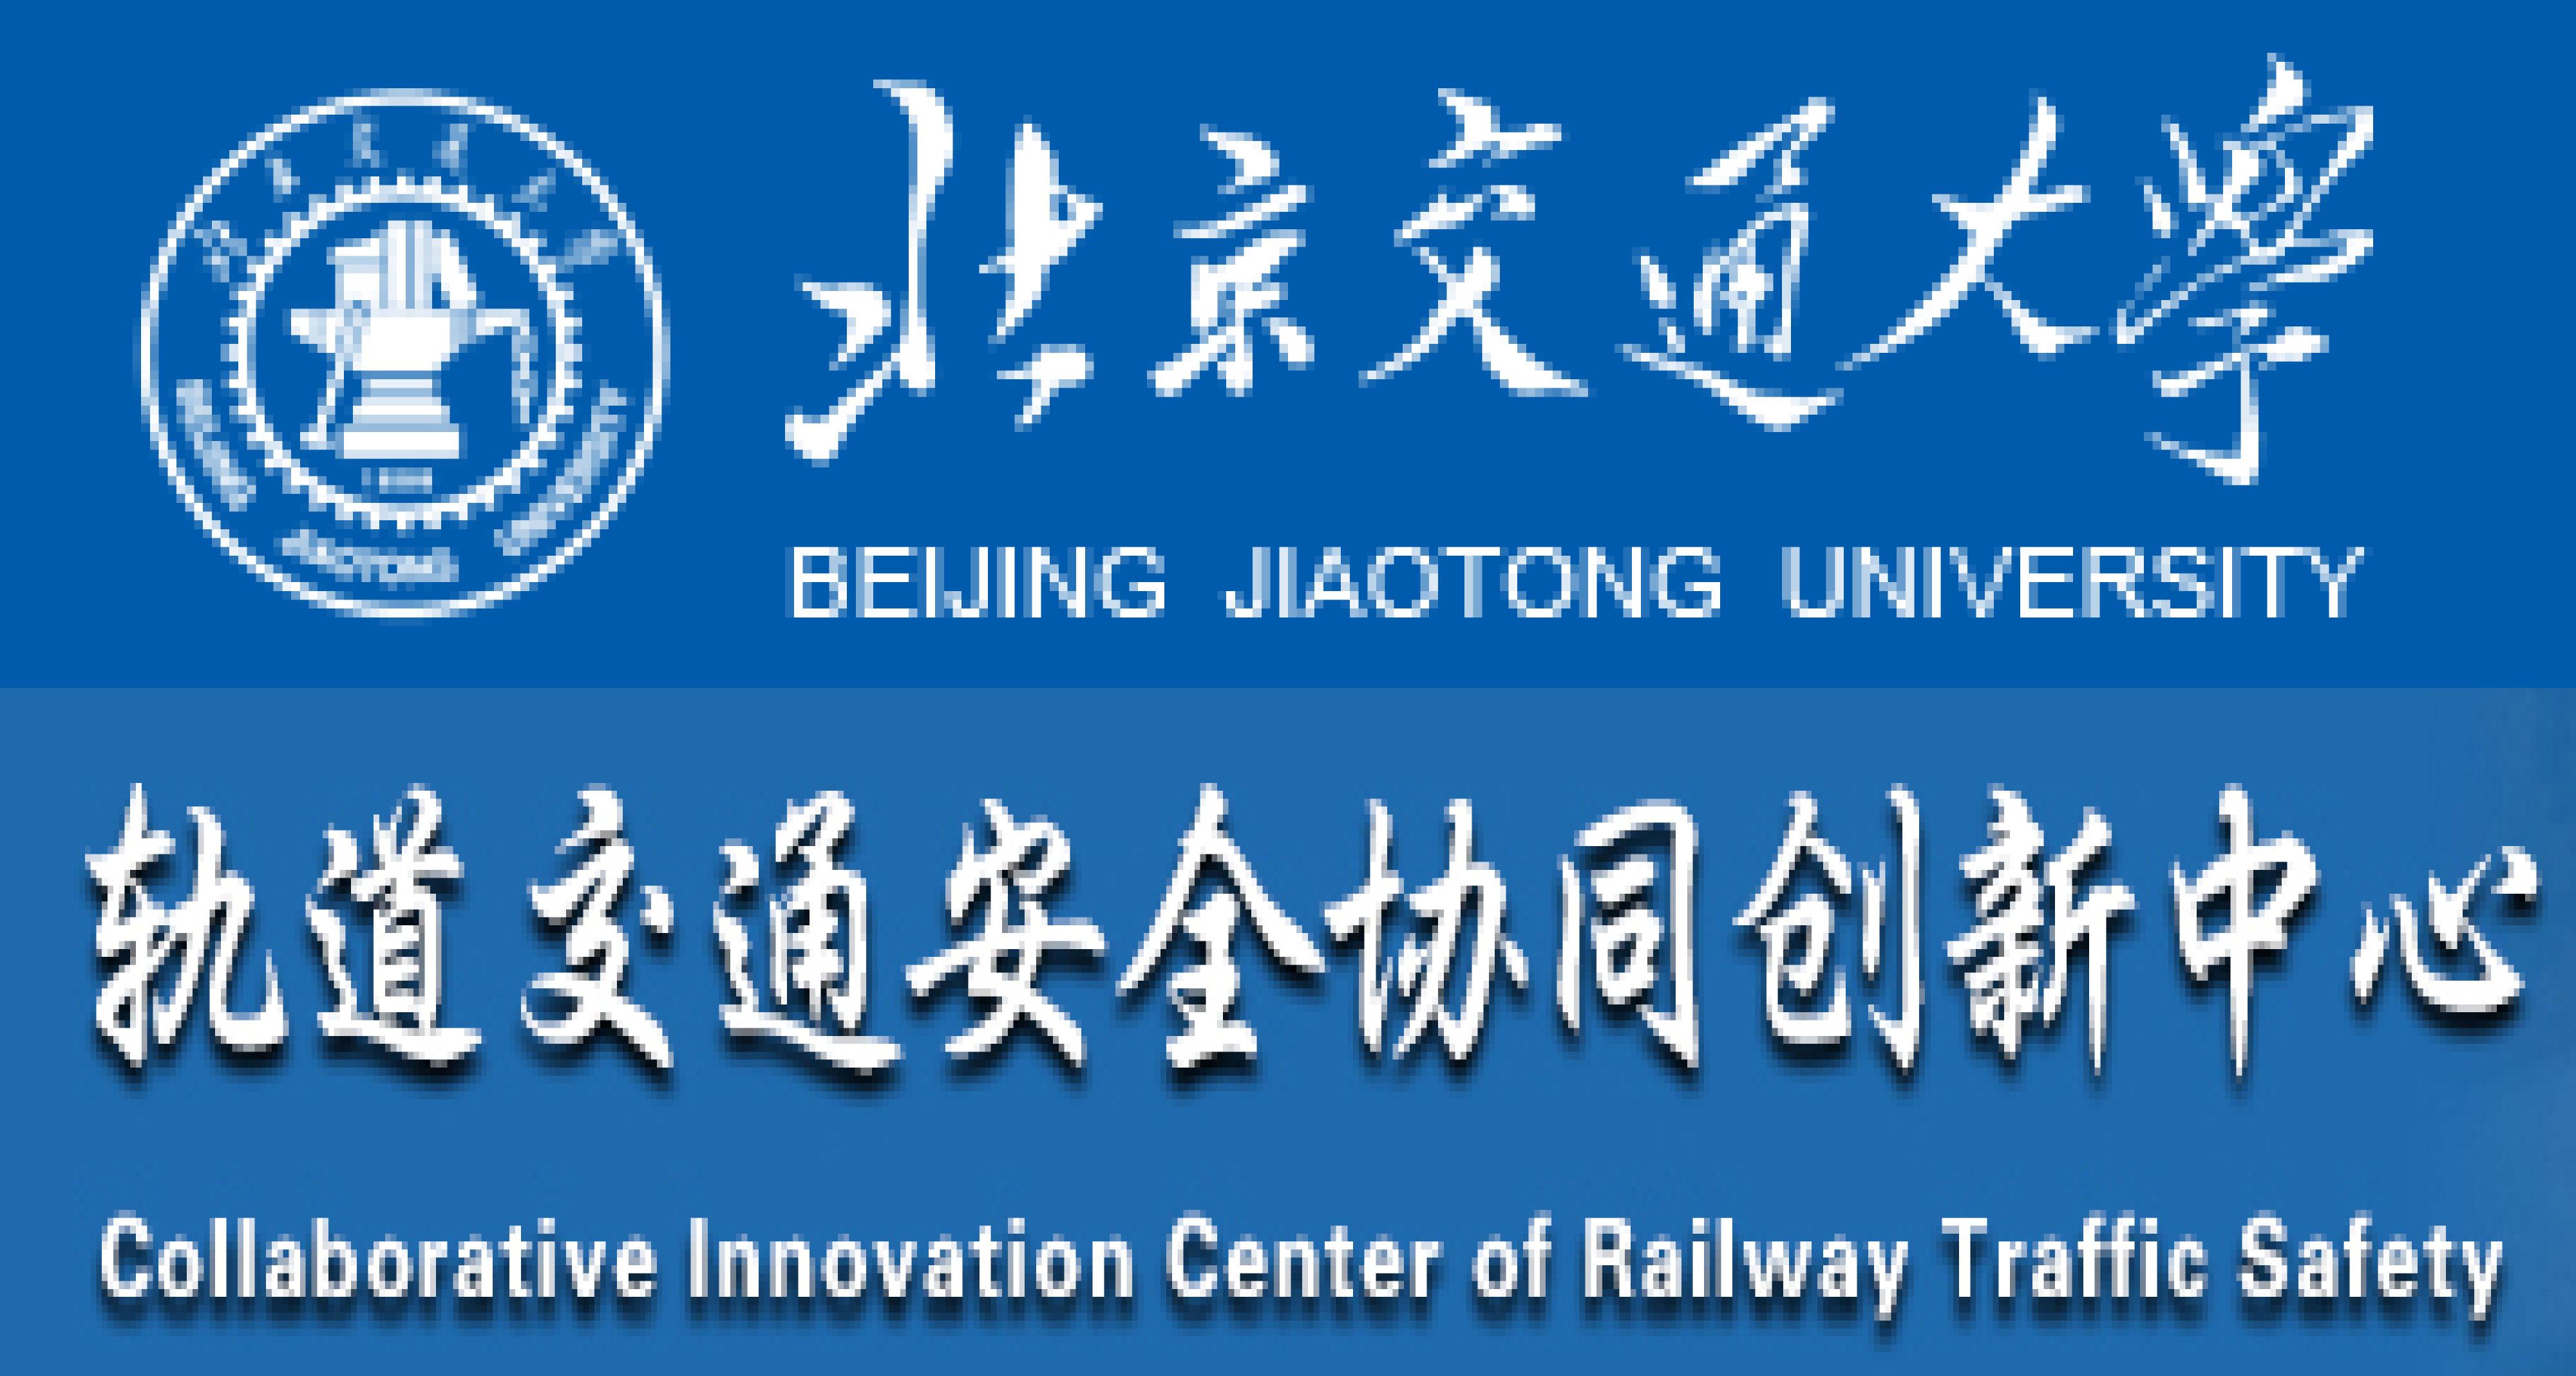 北京交通大学轨道交通安全协同创新中心